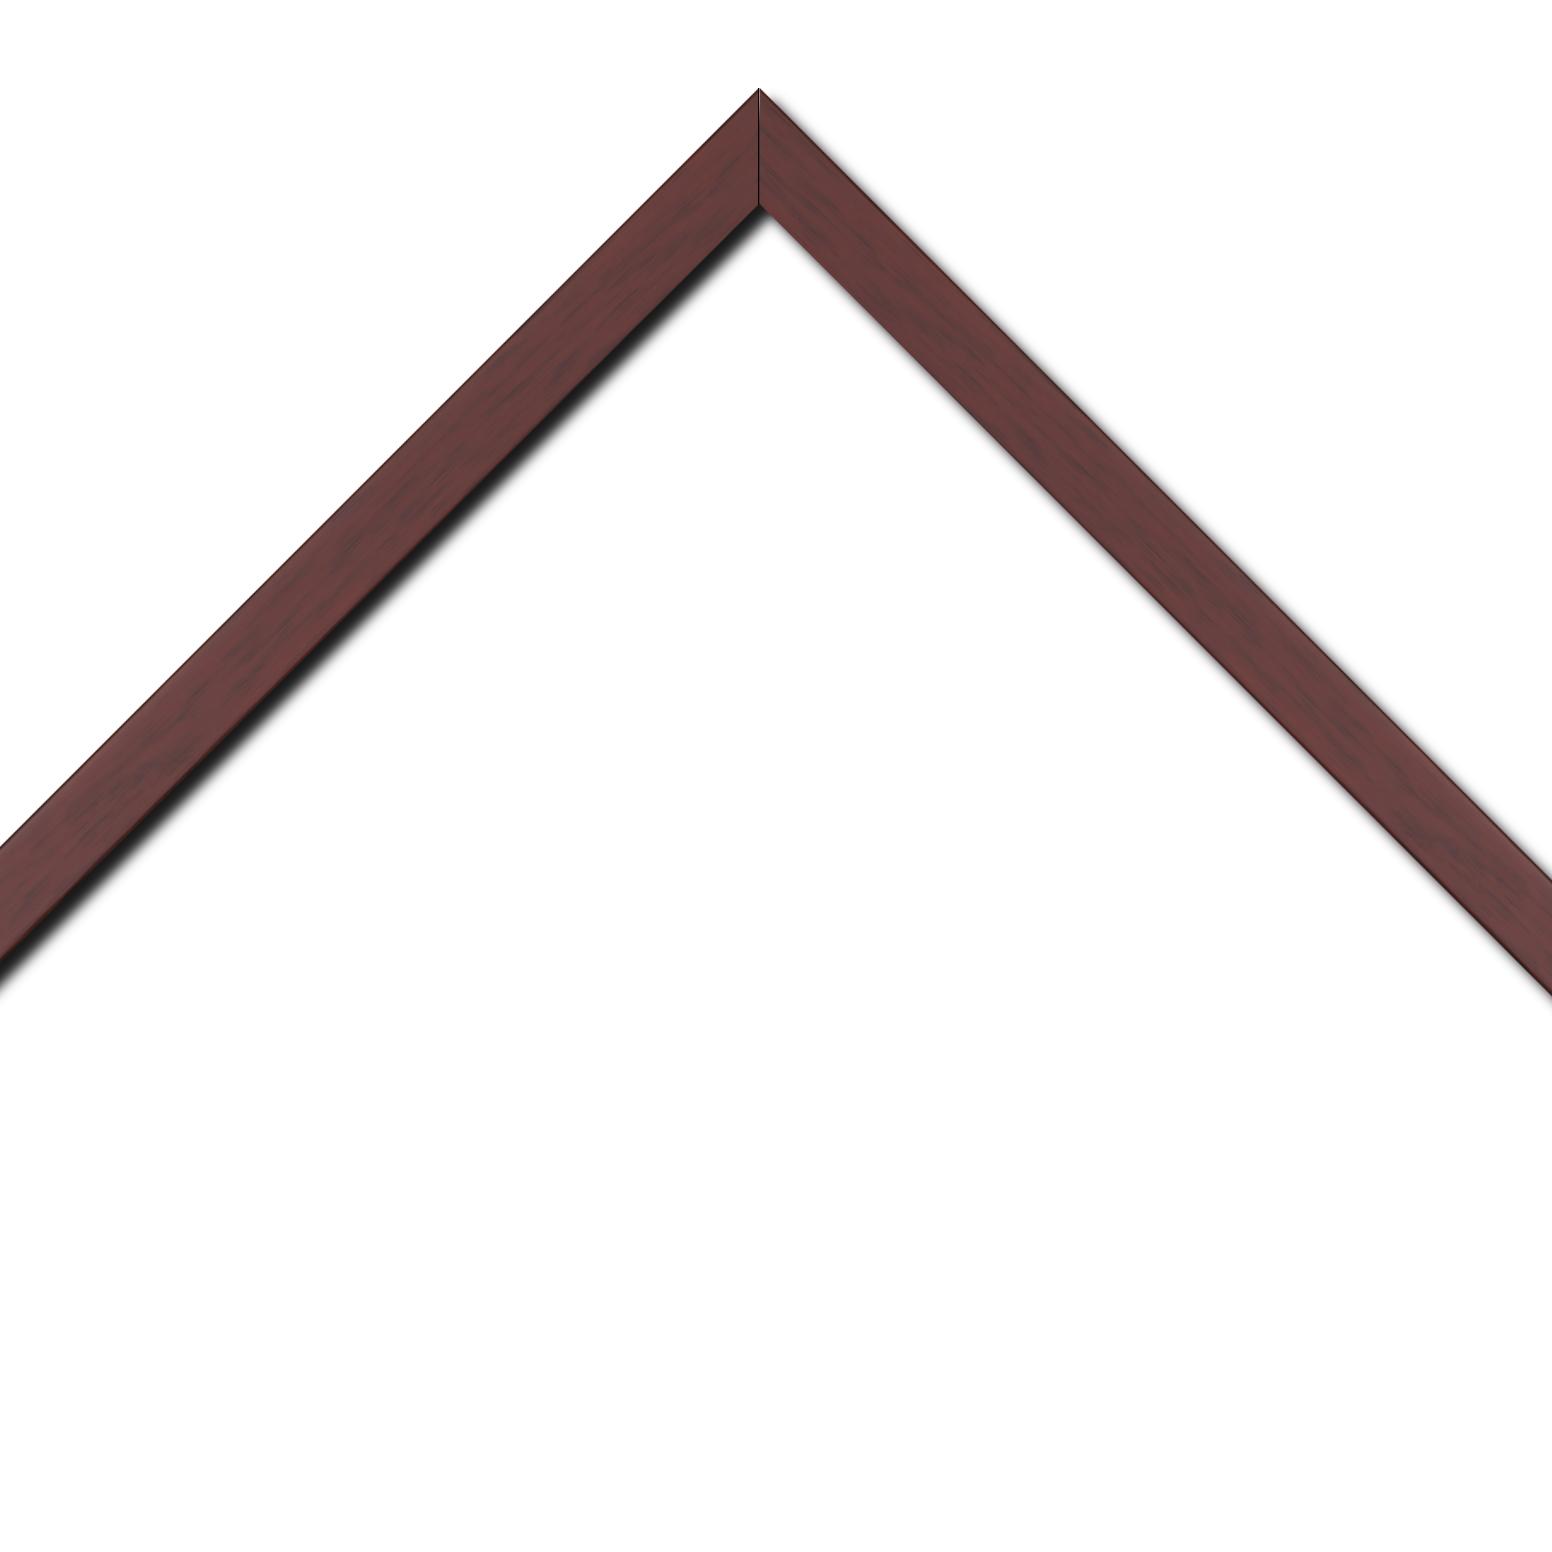 Baguette bois profil plat effet cube largeur 2cm couleur ton bois bordeaux